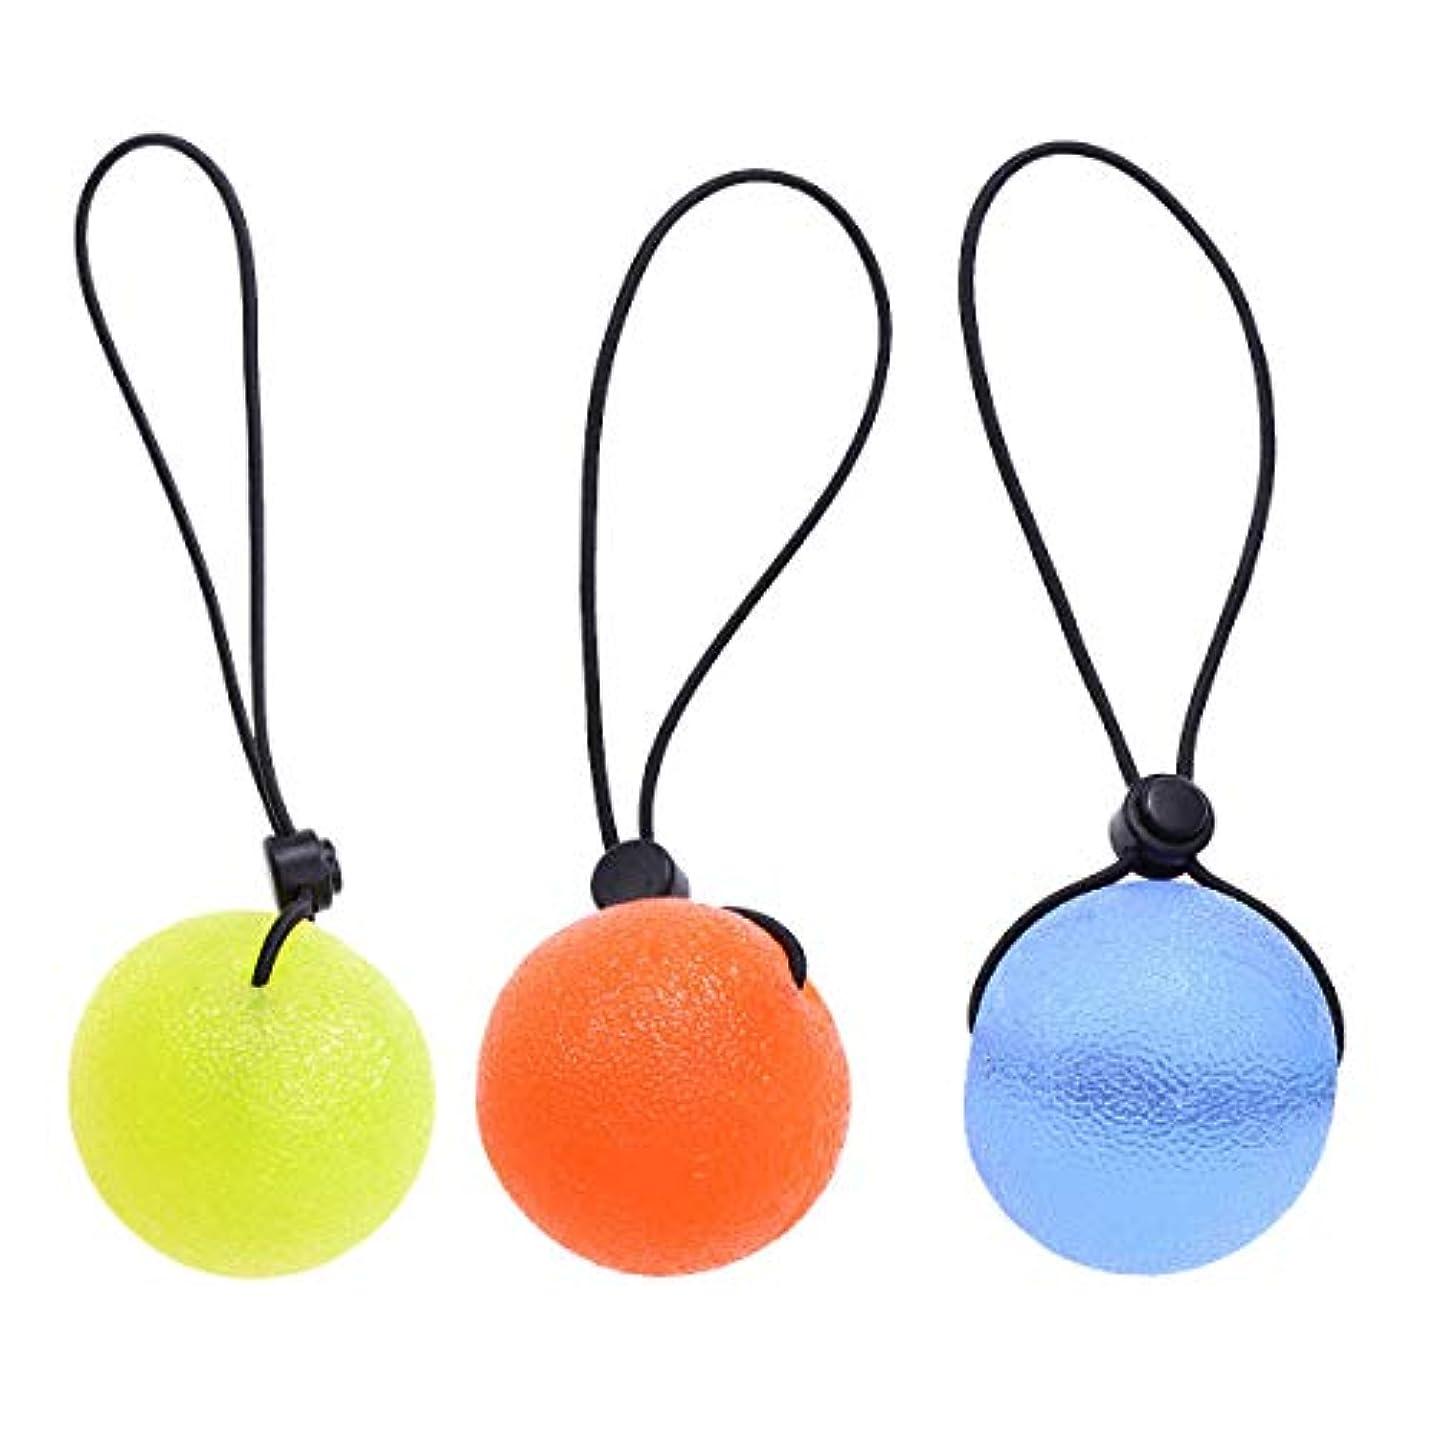 効率的洋服事実HEALIFTY ストレスリリーフボール、3本の指グリップボールセラピーエクササイズスクイズ卵ストレスボールストリングフィットネス機器(ランダムカラー)